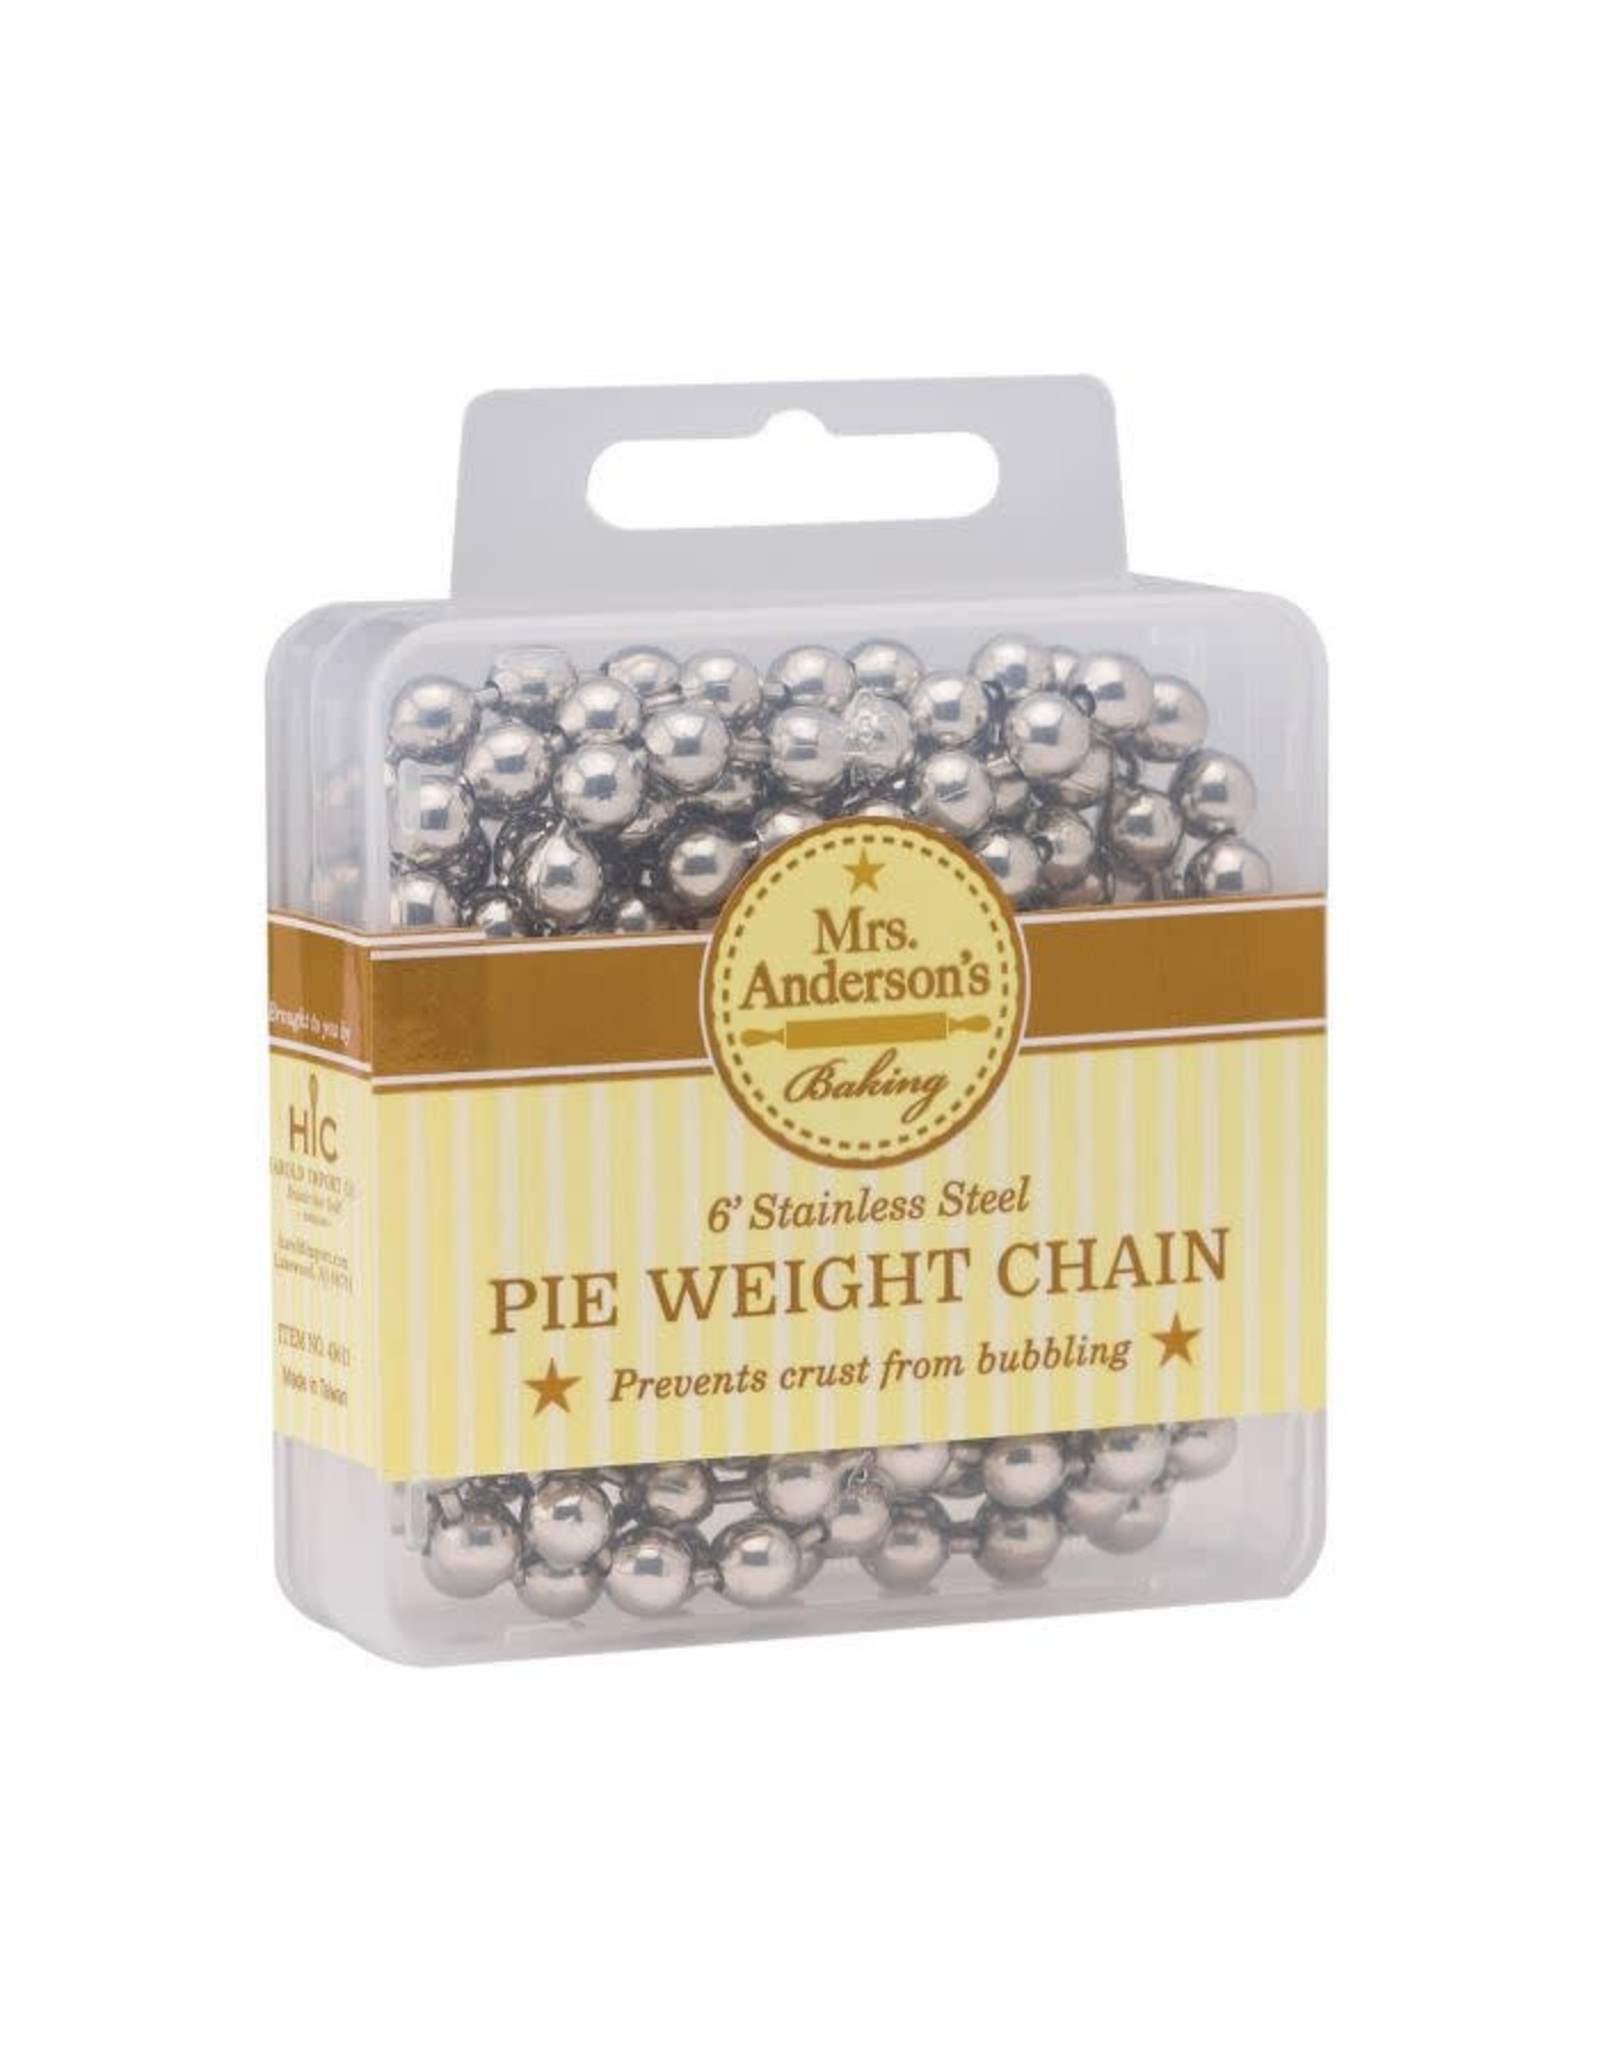 HIC- Pie Weight Chain